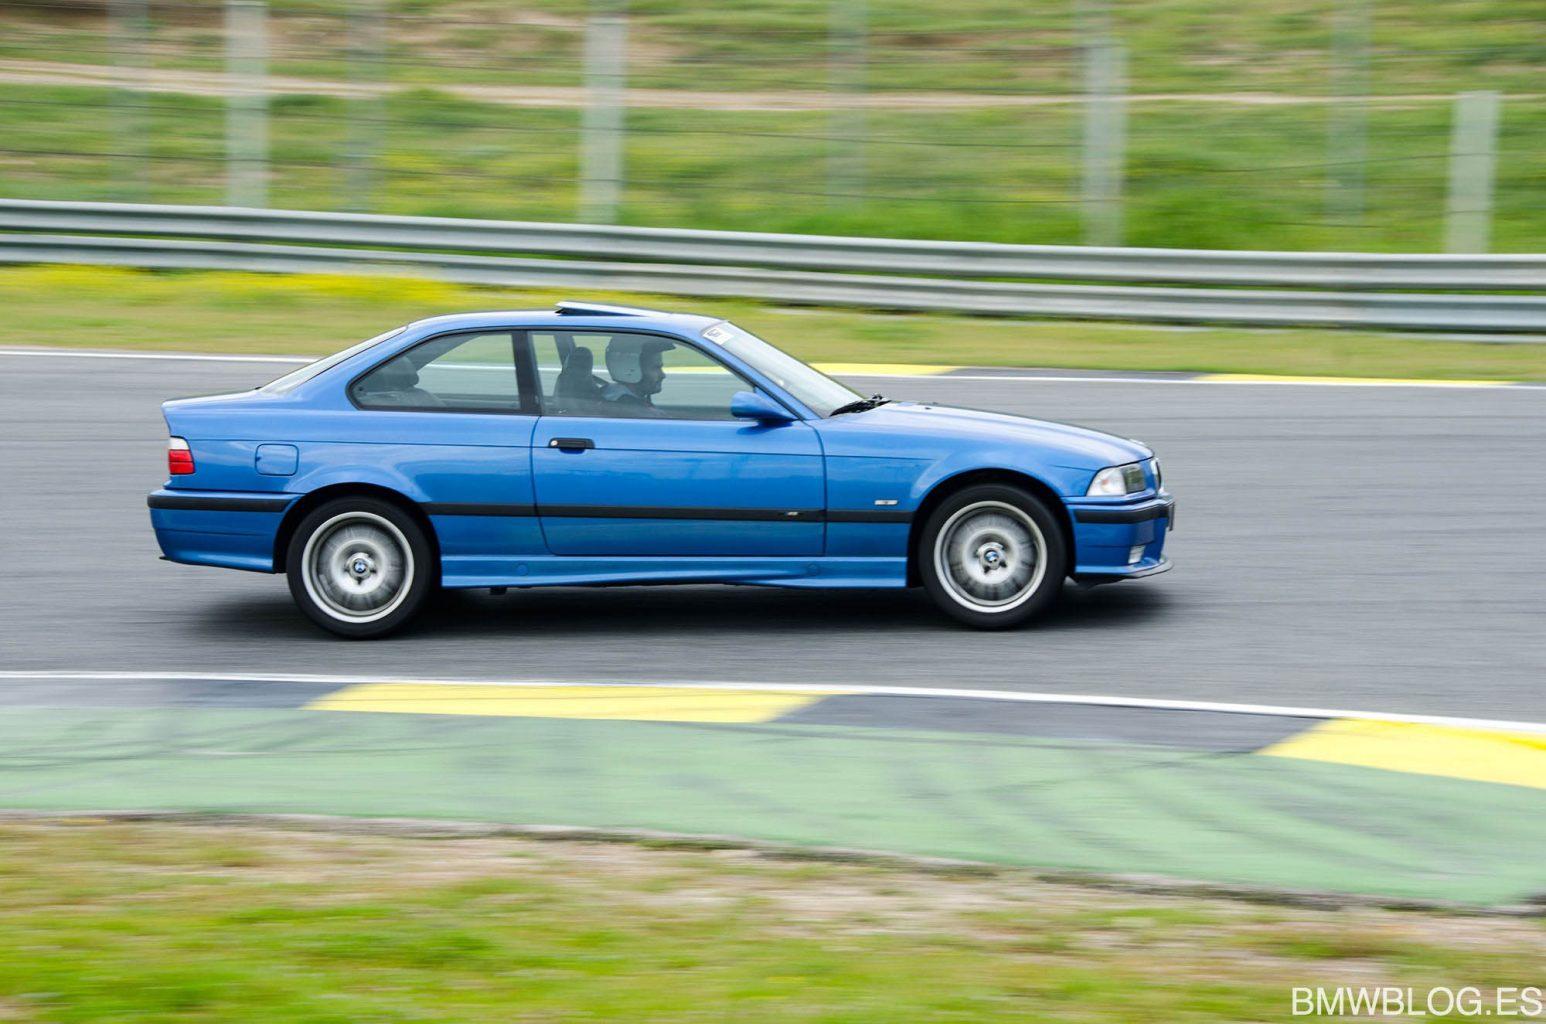 Barrido-BMW-5